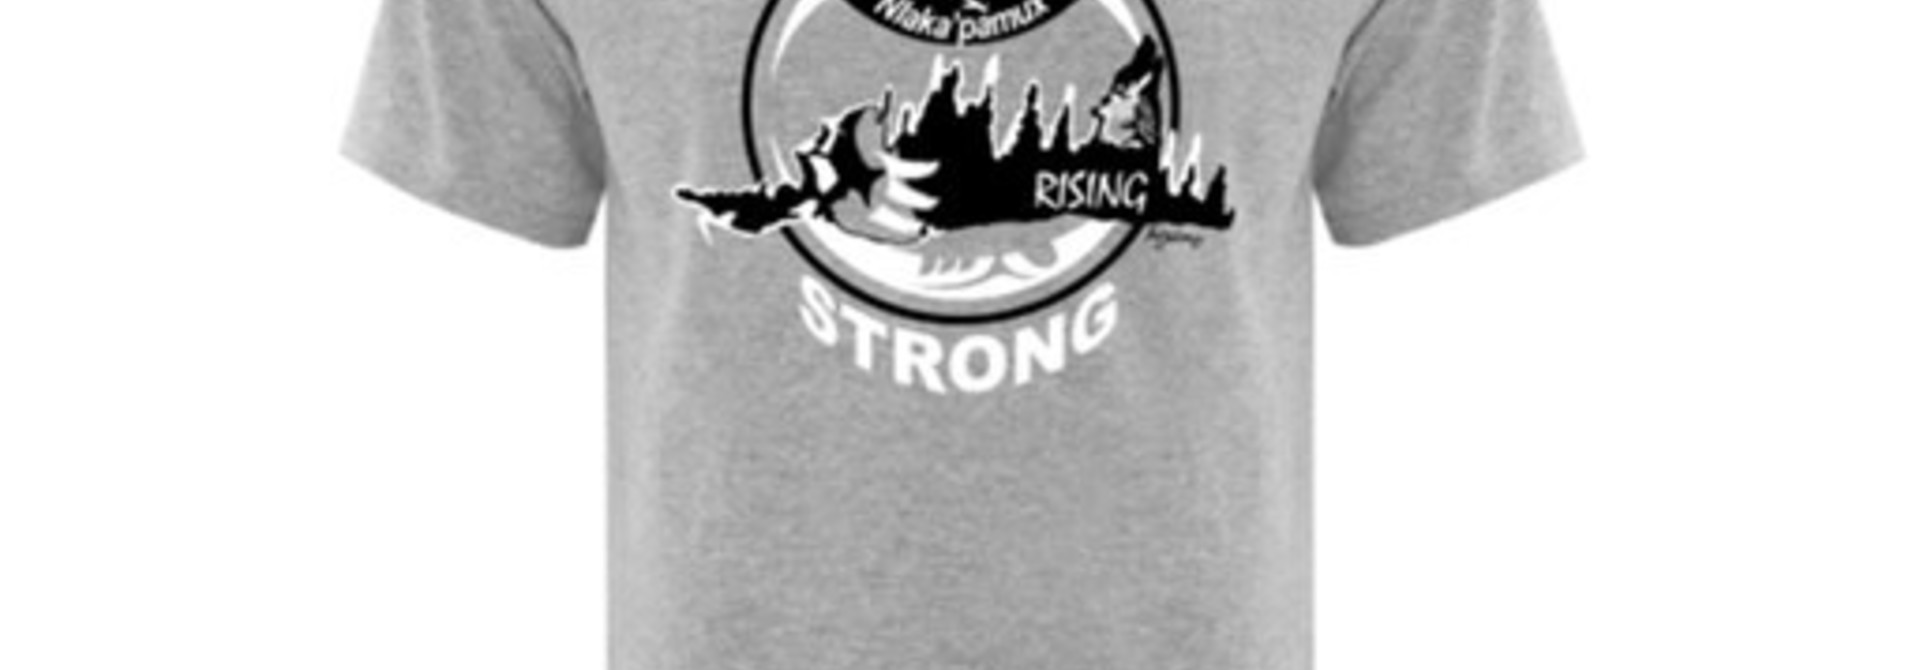 Lytton Strong Adult T-Shirt / Fundraiser